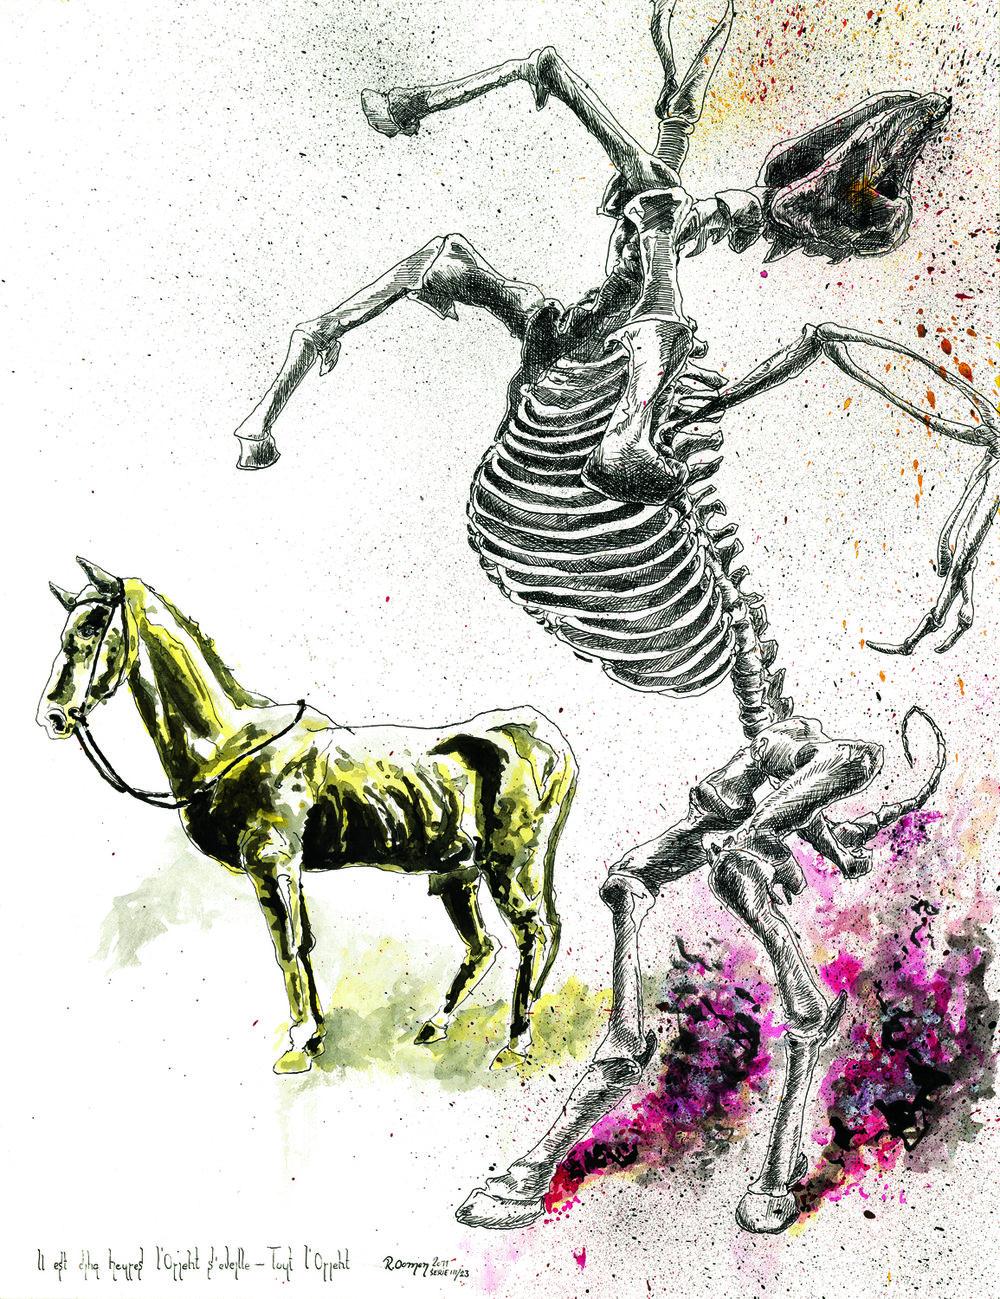 """""""Il est cinq heures l'Orient s'eveille - Tout l'Orient"""" ink on paper 65x50 cm 2011 private collection Rotterdam NLD"""